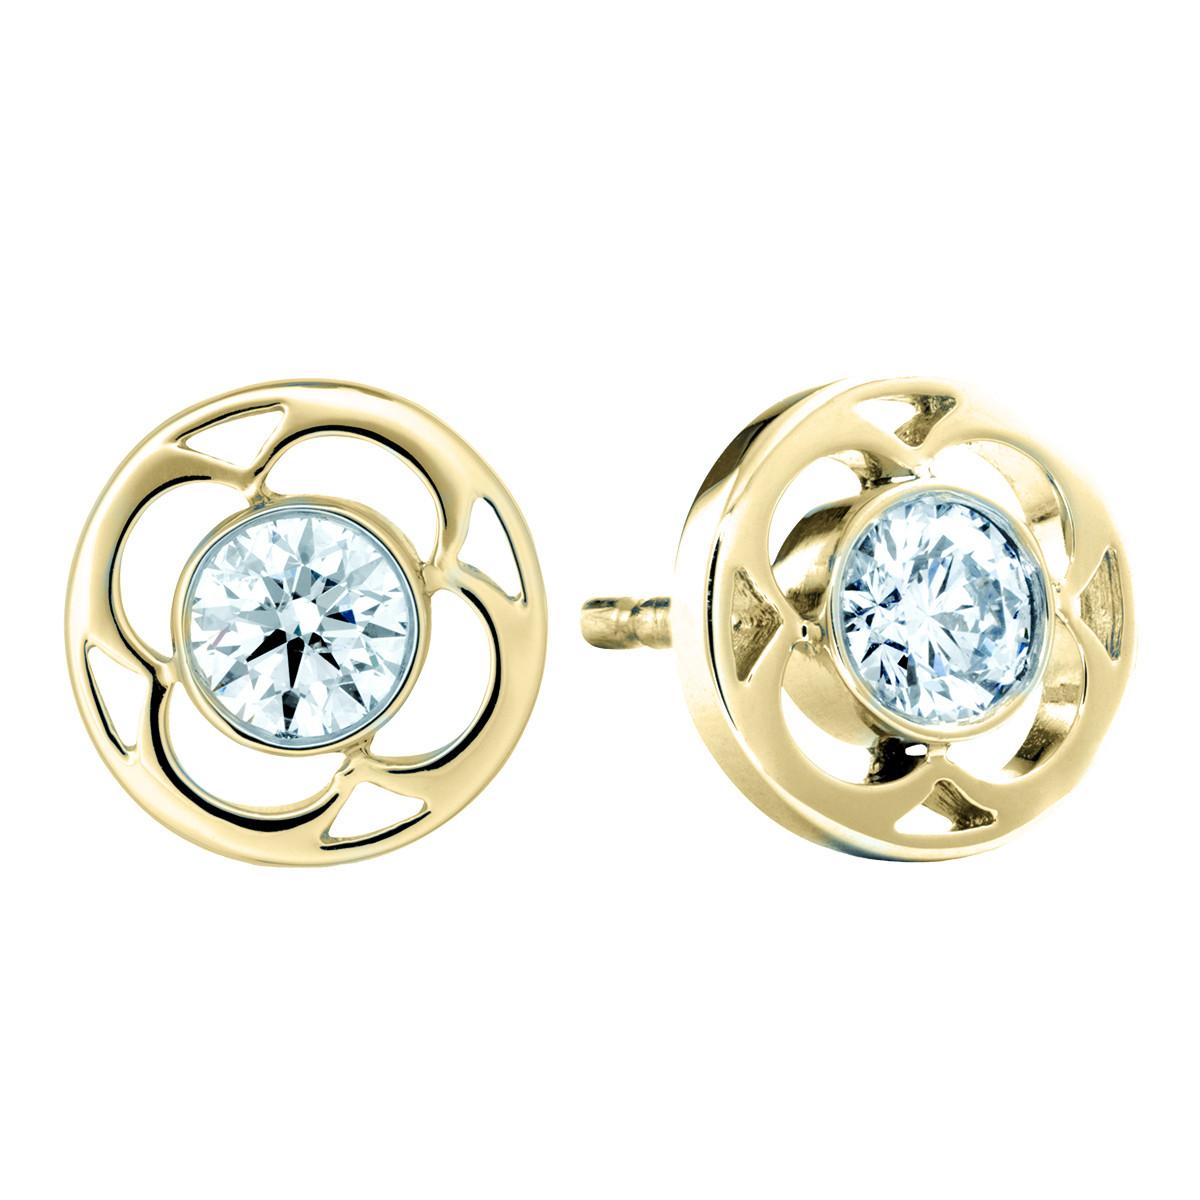 New Hearts On Fire® Diamond Copley Stud Earrings